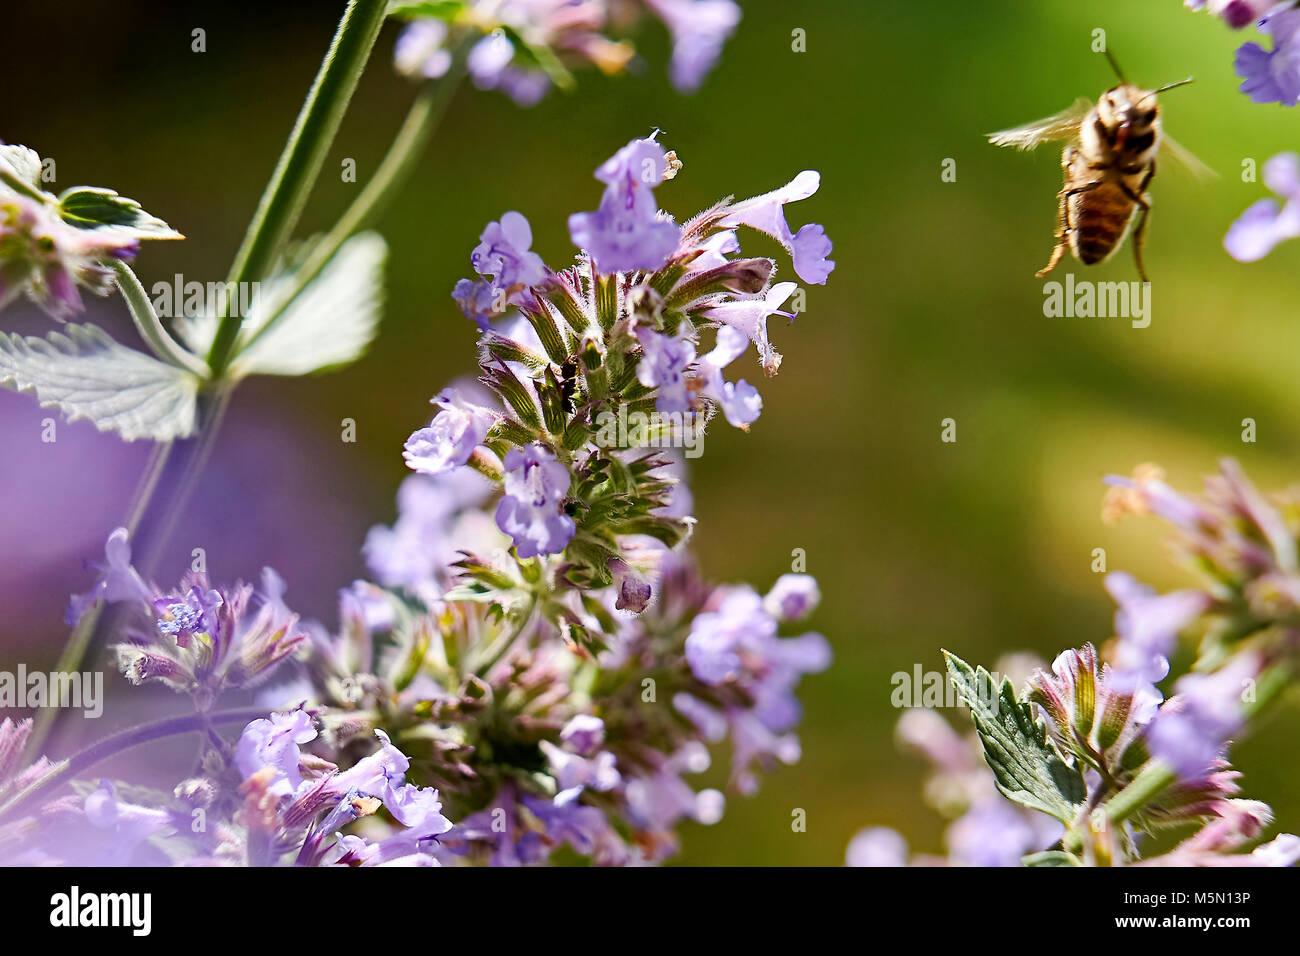 Prado - Verano bee recogiendo néctar floral, grandes cerca (macro) Foto de stock